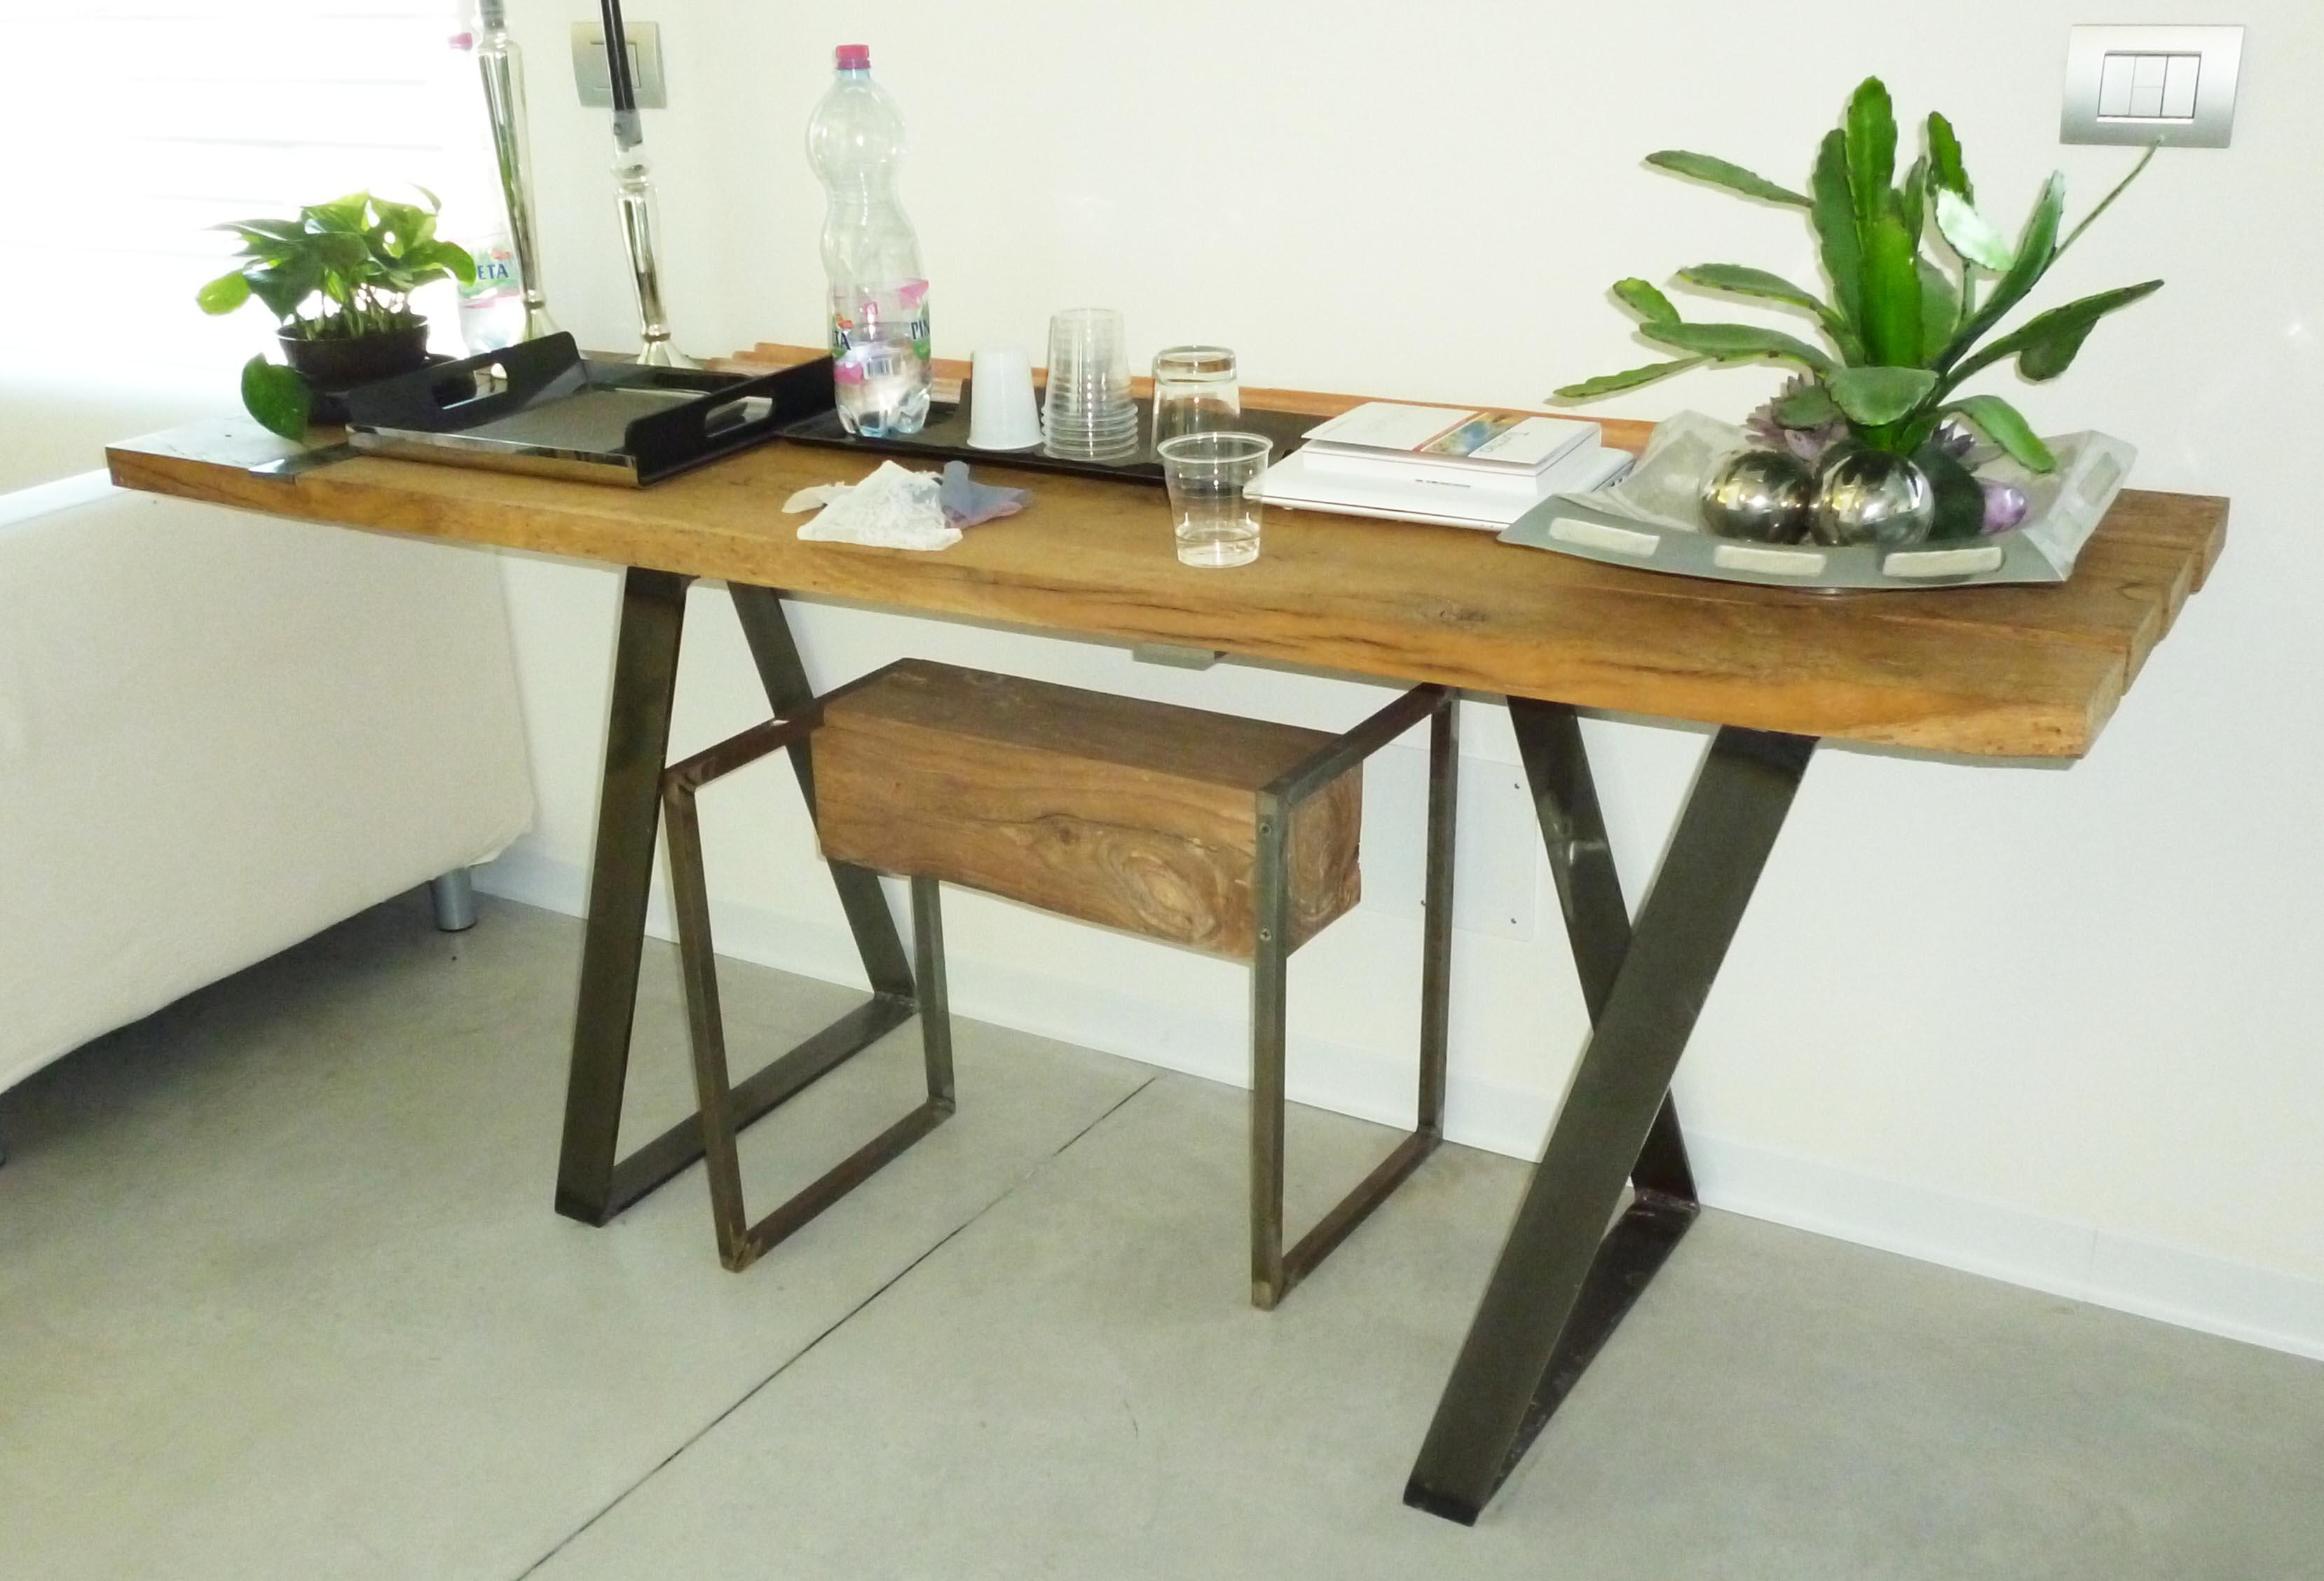 Produzione e vendita tavoli da arredamento e design for Arredamento tavoli